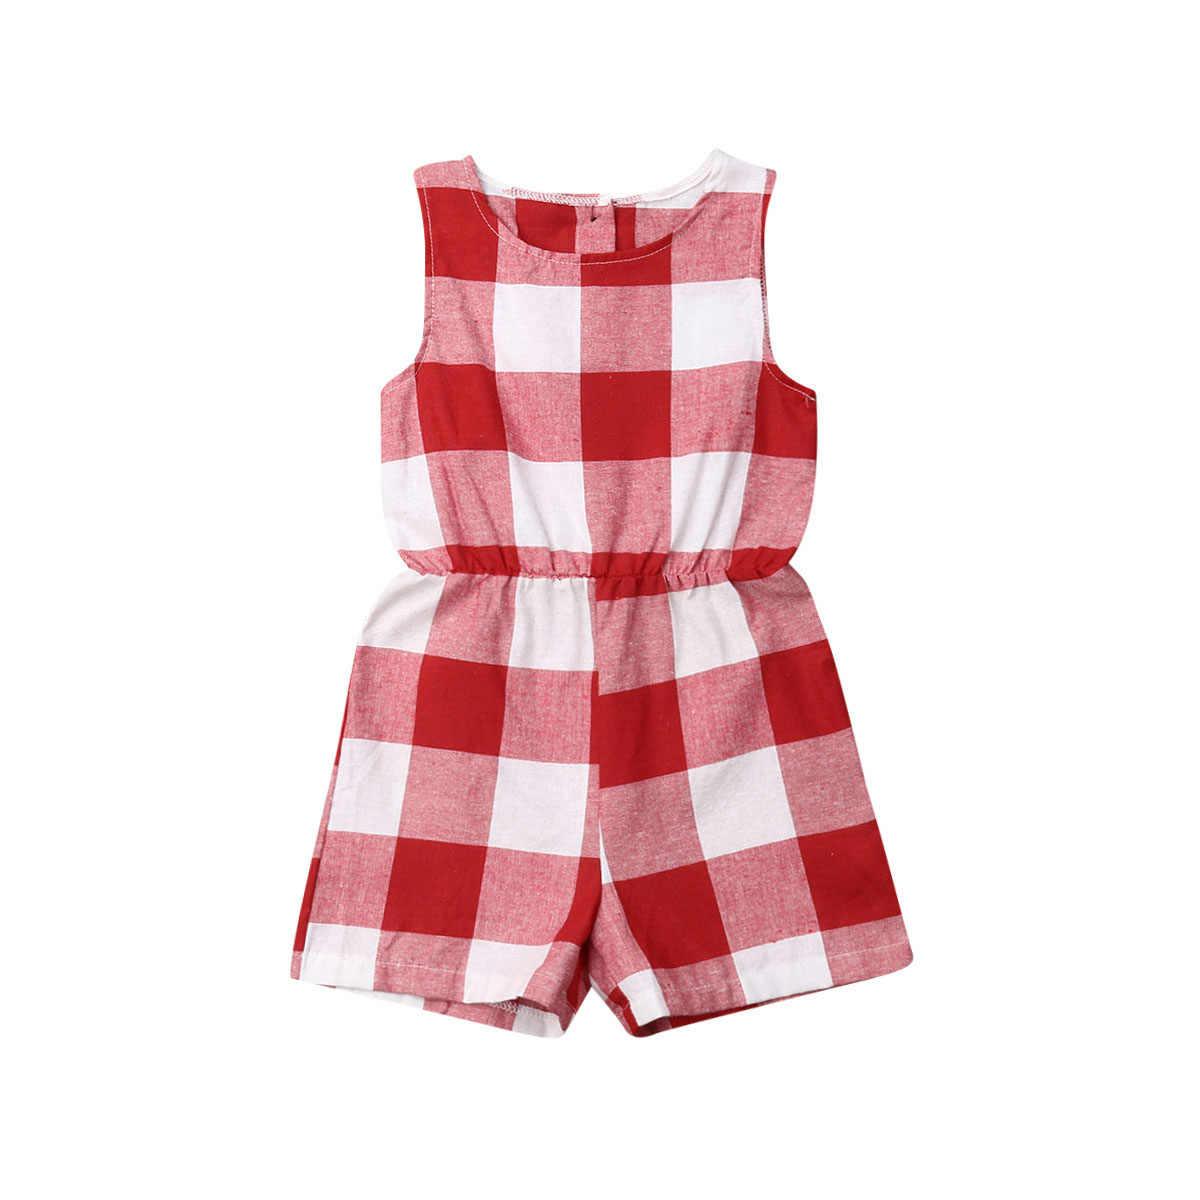 母娘家族マッチング衣装服格子縞の親子子供ドレスベビー女の子ママロンパースファッション夏女性子供衣装